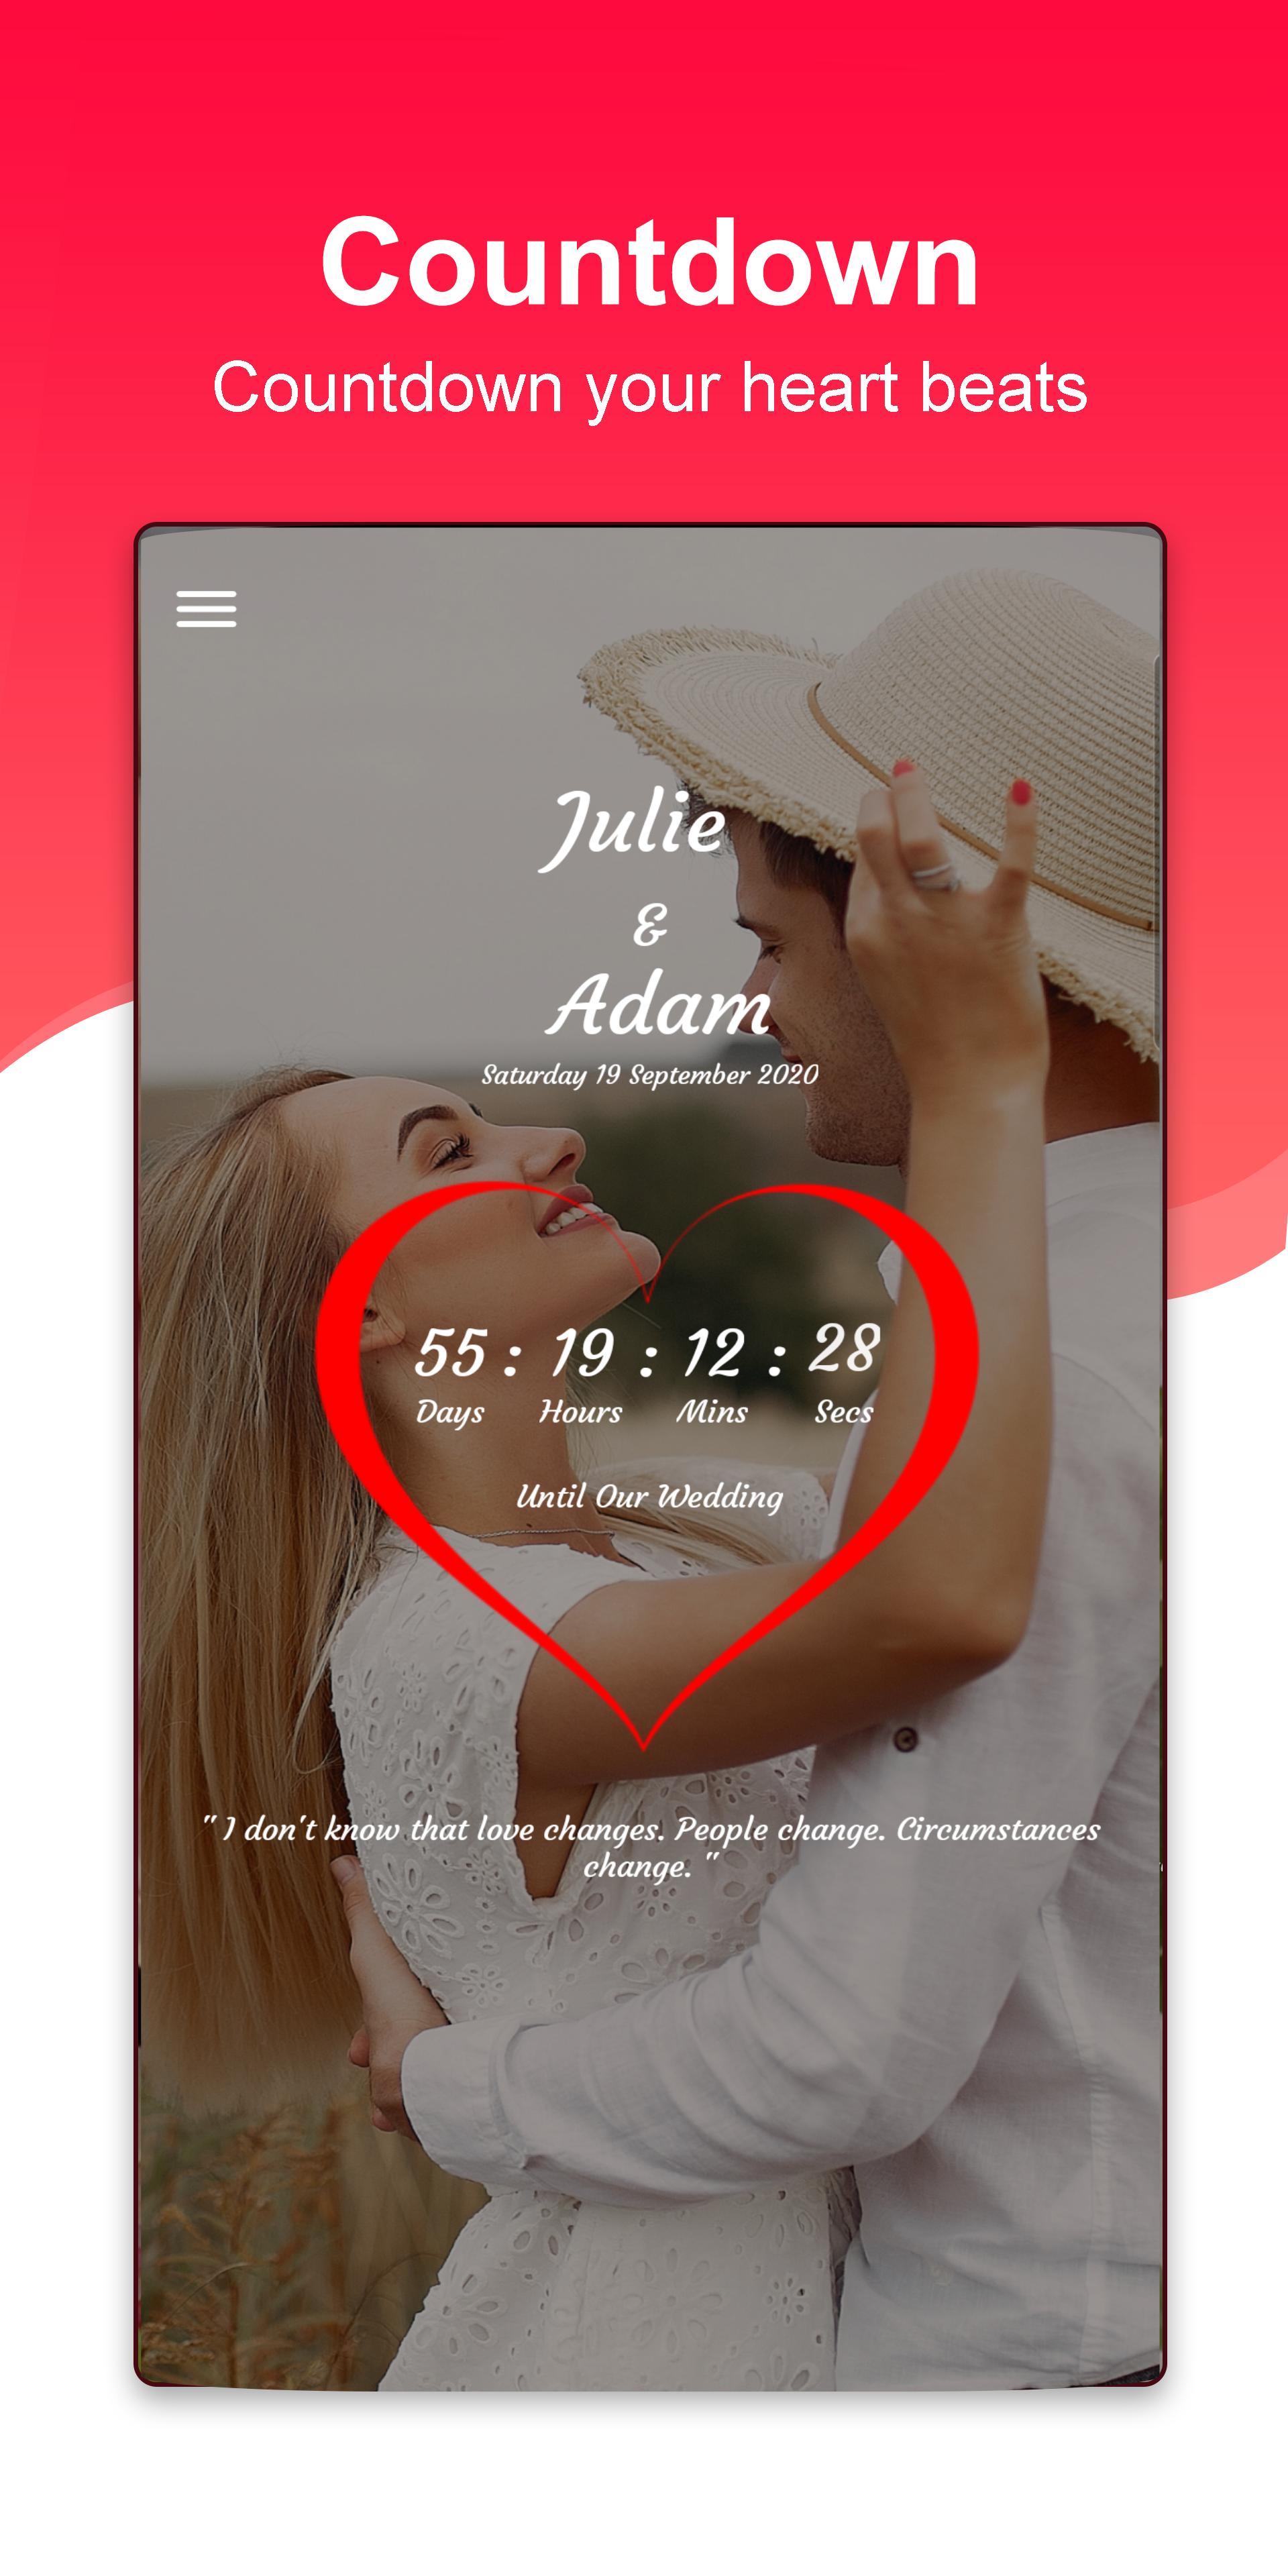 Wedding Countdown In 2020 Wedding Countdown Wedding Invitation Maker Wedding Day